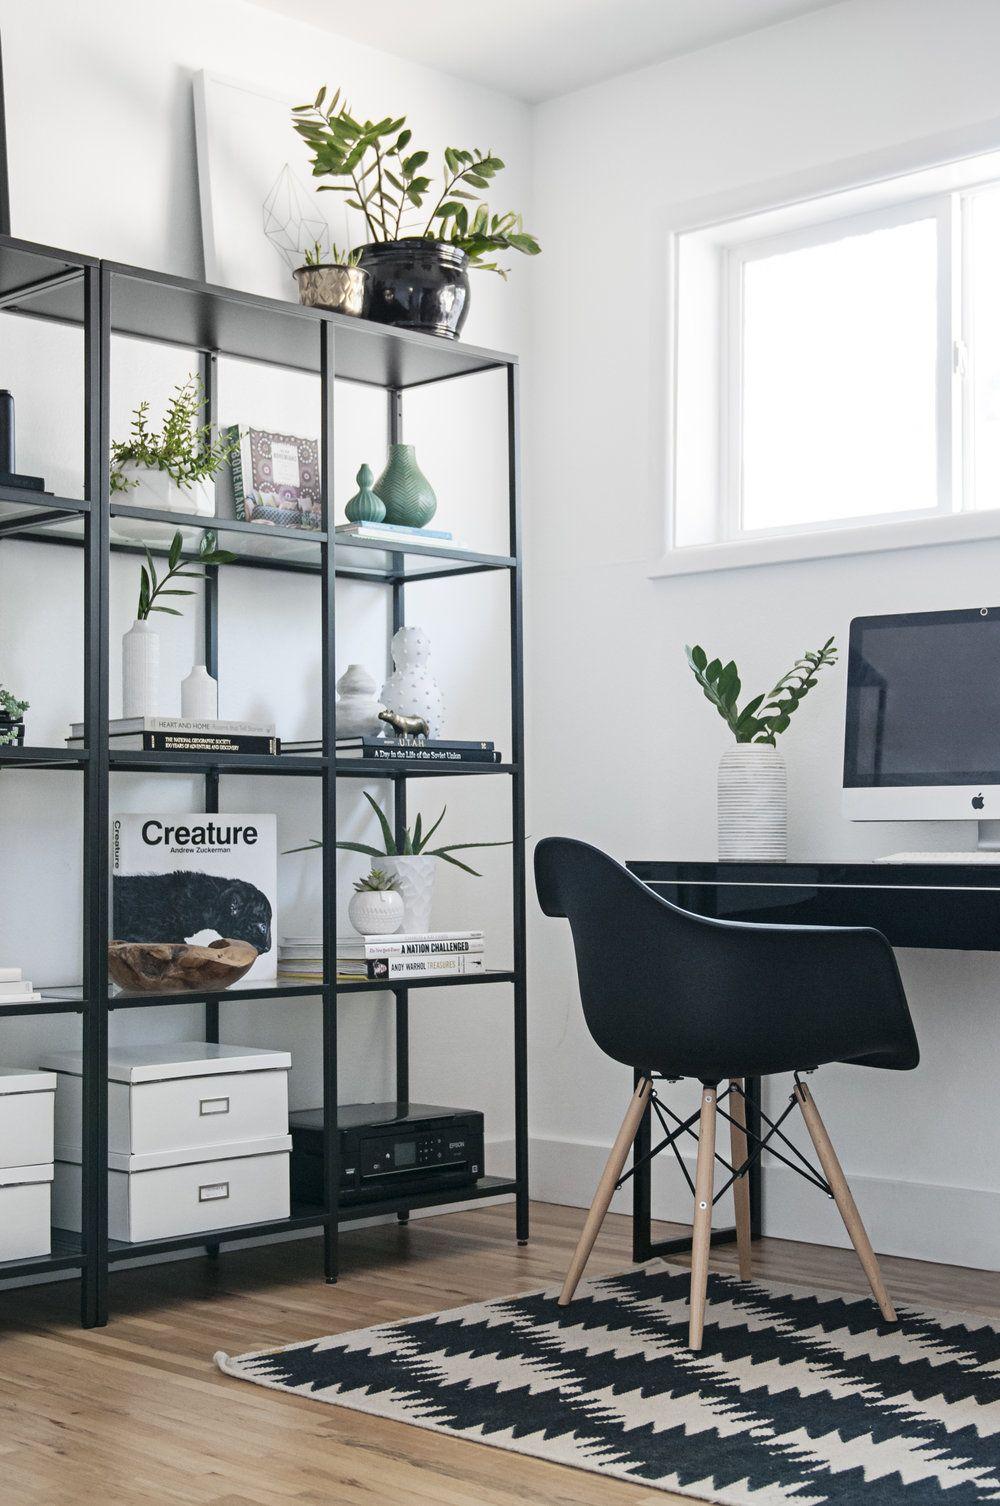 Inspiratieboost Een Open Kast In De Home Office Voor Een